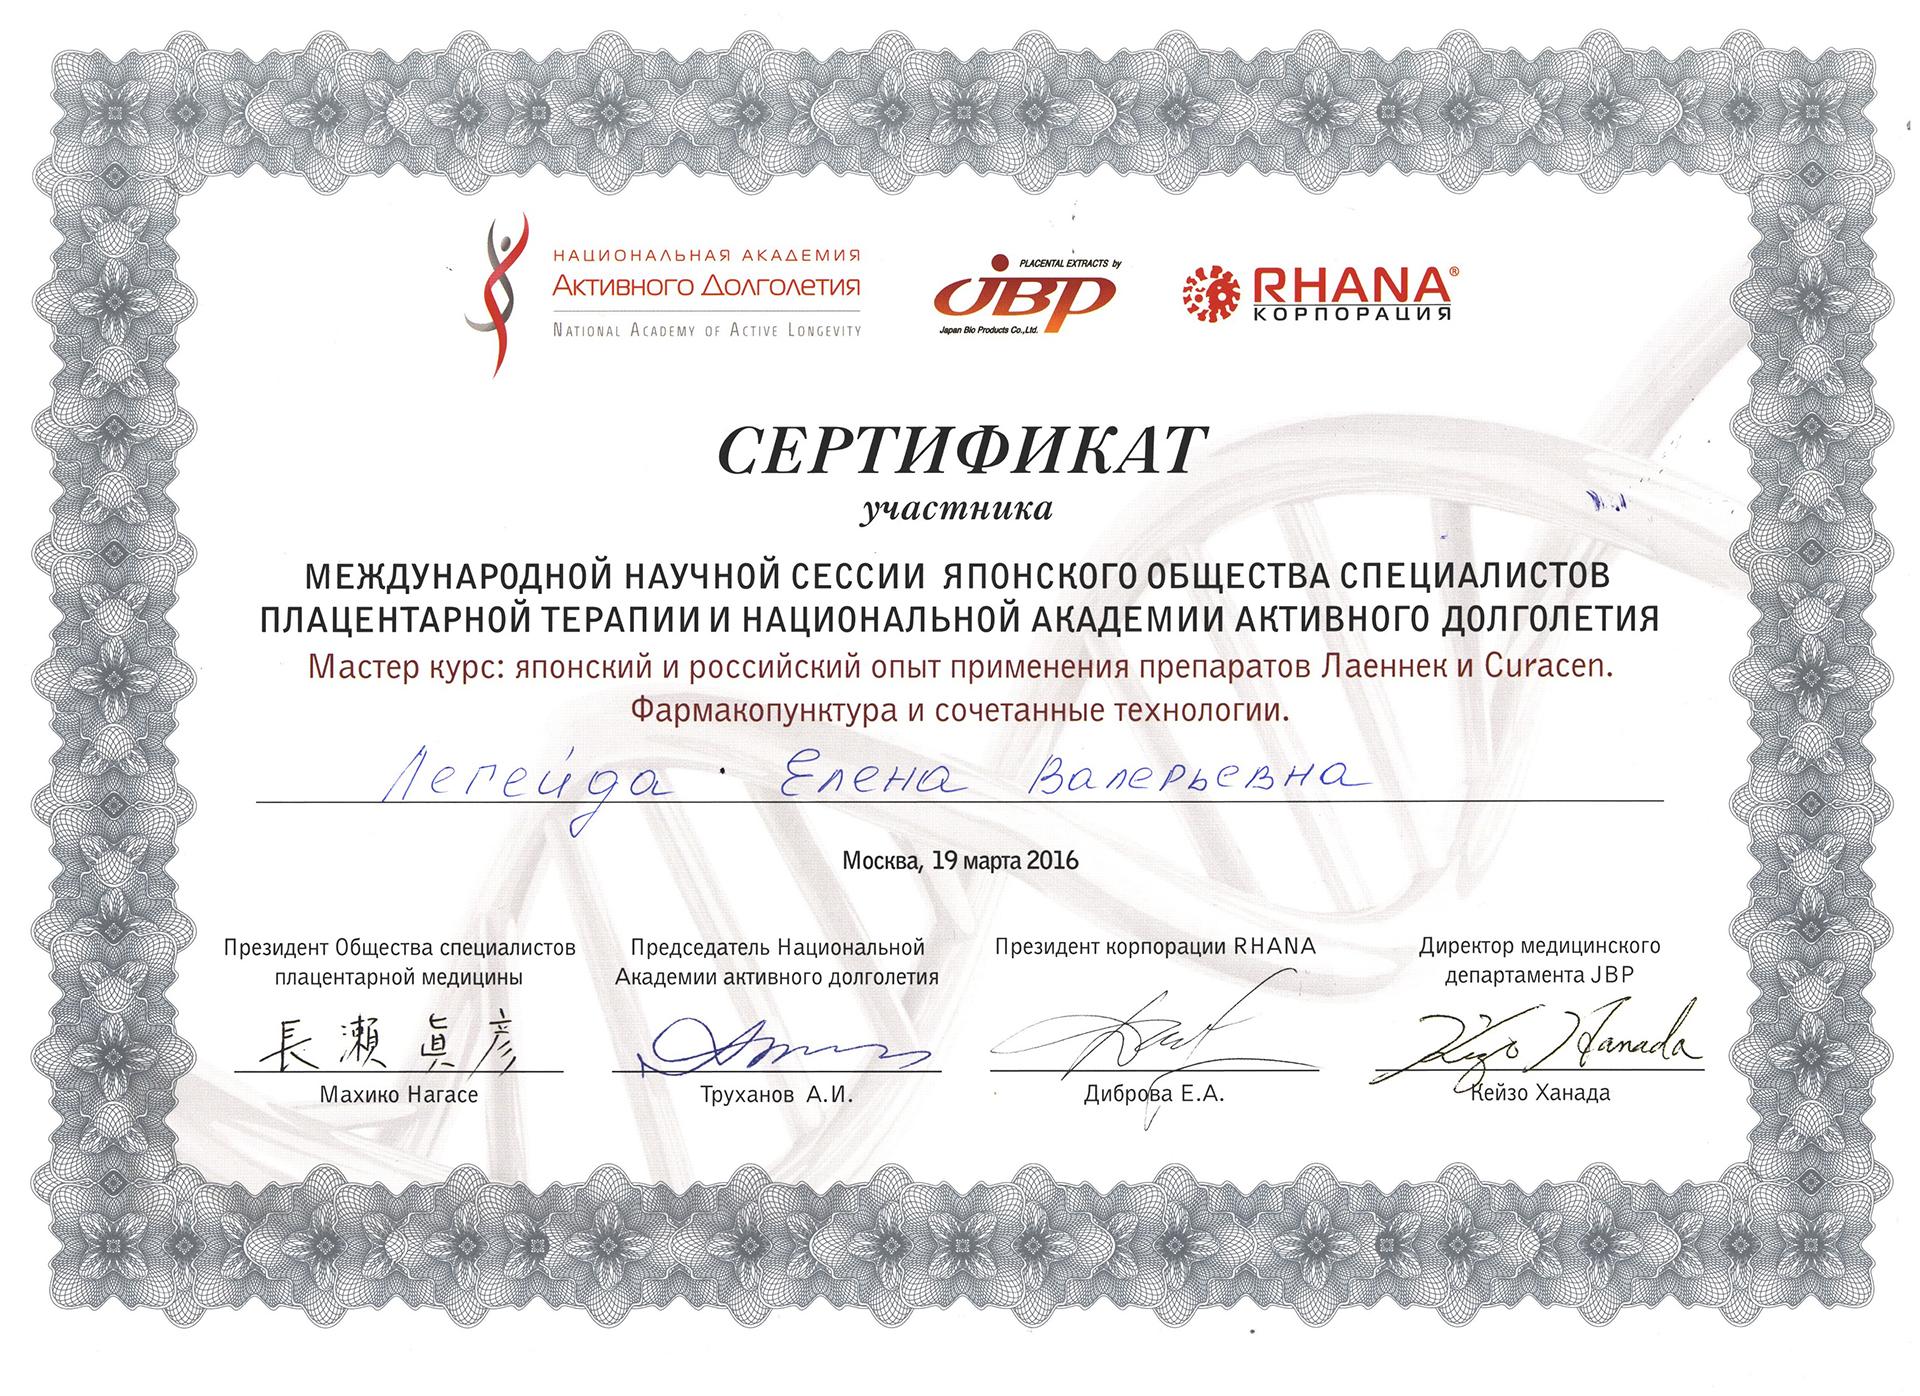 Сертификат — Применение препаратов «Лаеннек и Curacen». Легейда Елена Валерьевна